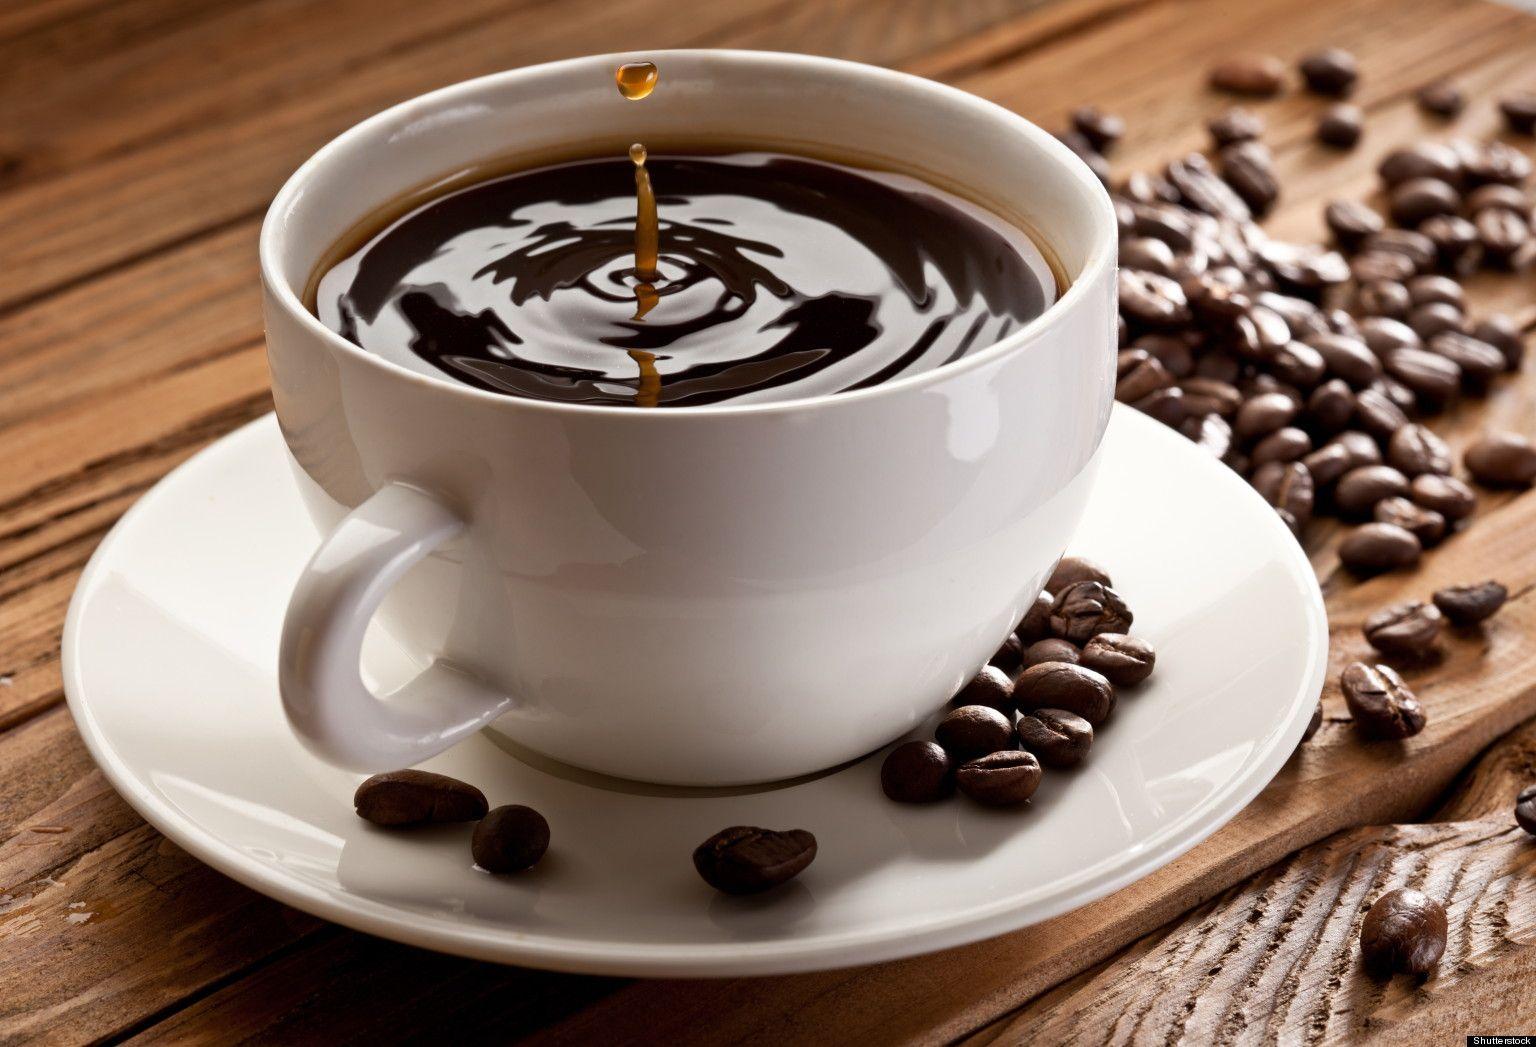 Buat kamu pecinta kopi, pastinya nggak akan lengkap kalau